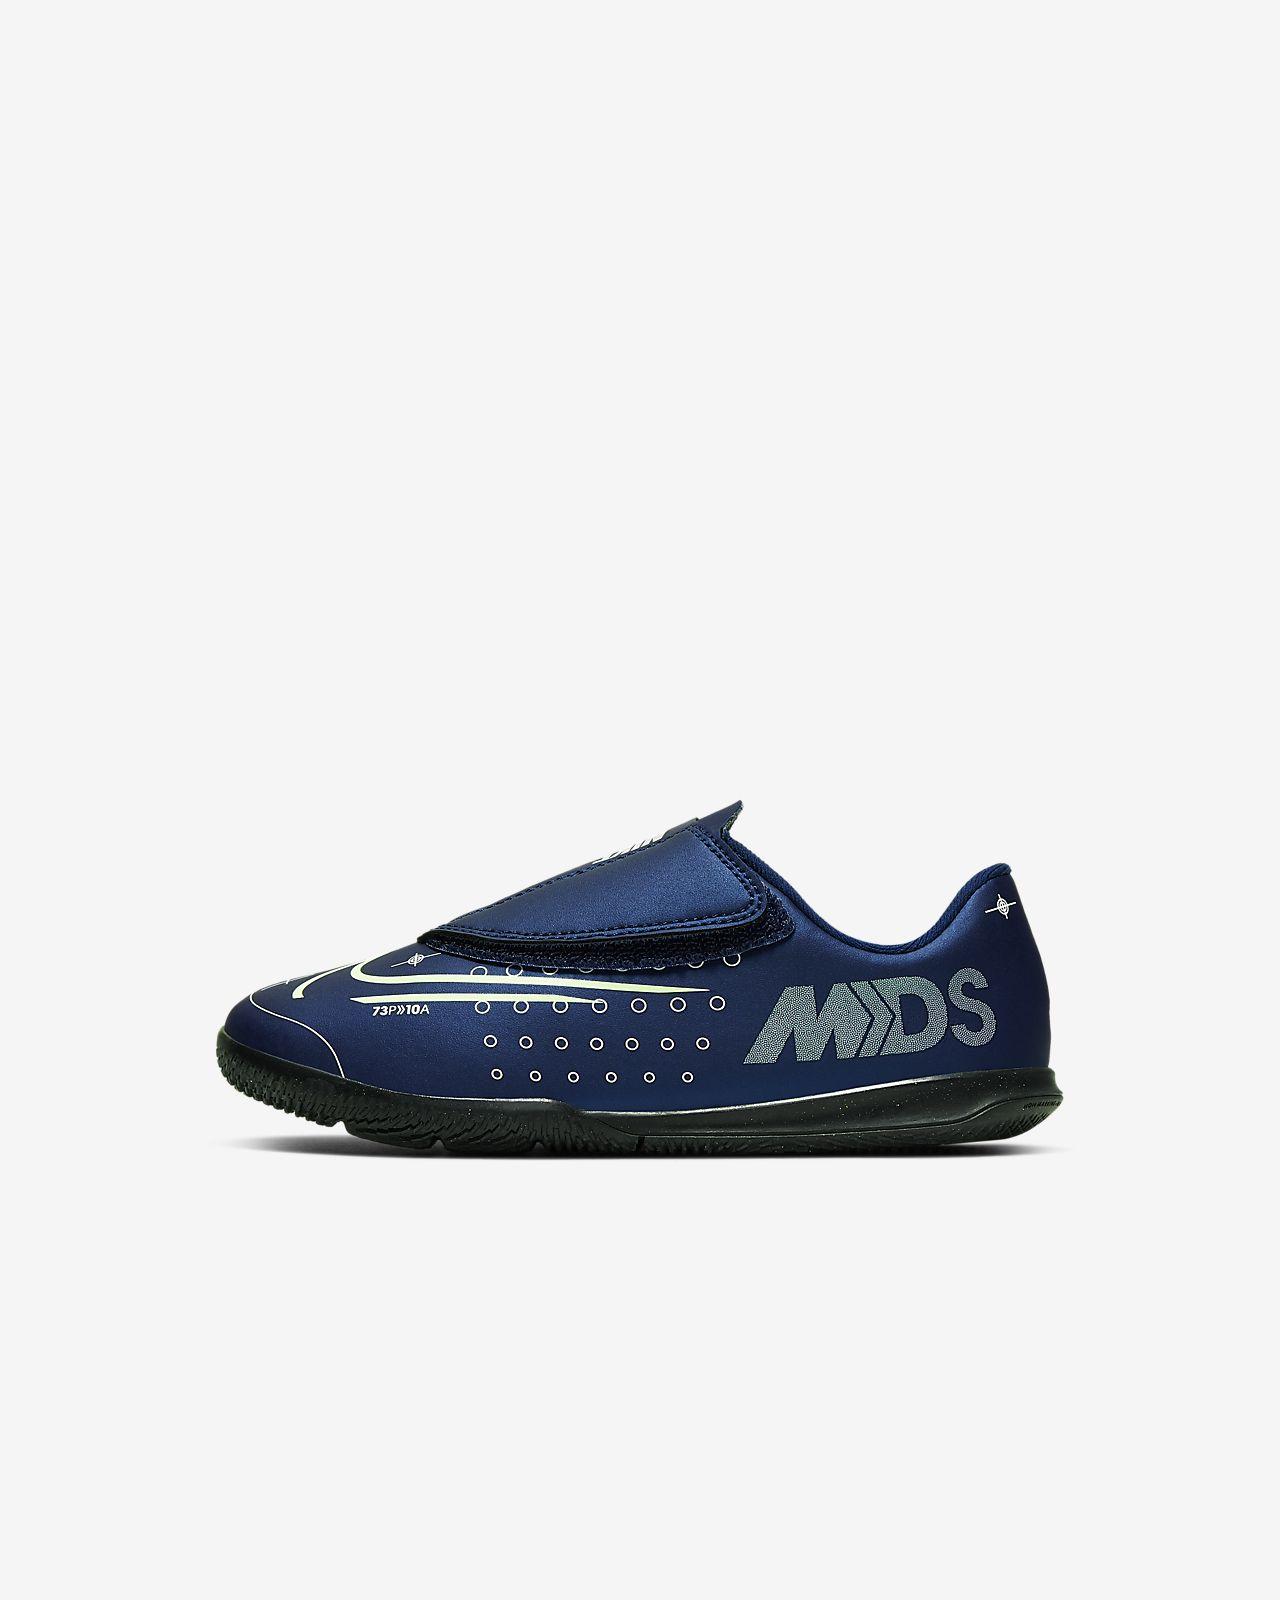 Chaussure de football en salle Nike Jr. Mercurial Vapor 13 Club MDS IC pour Jeune enfant